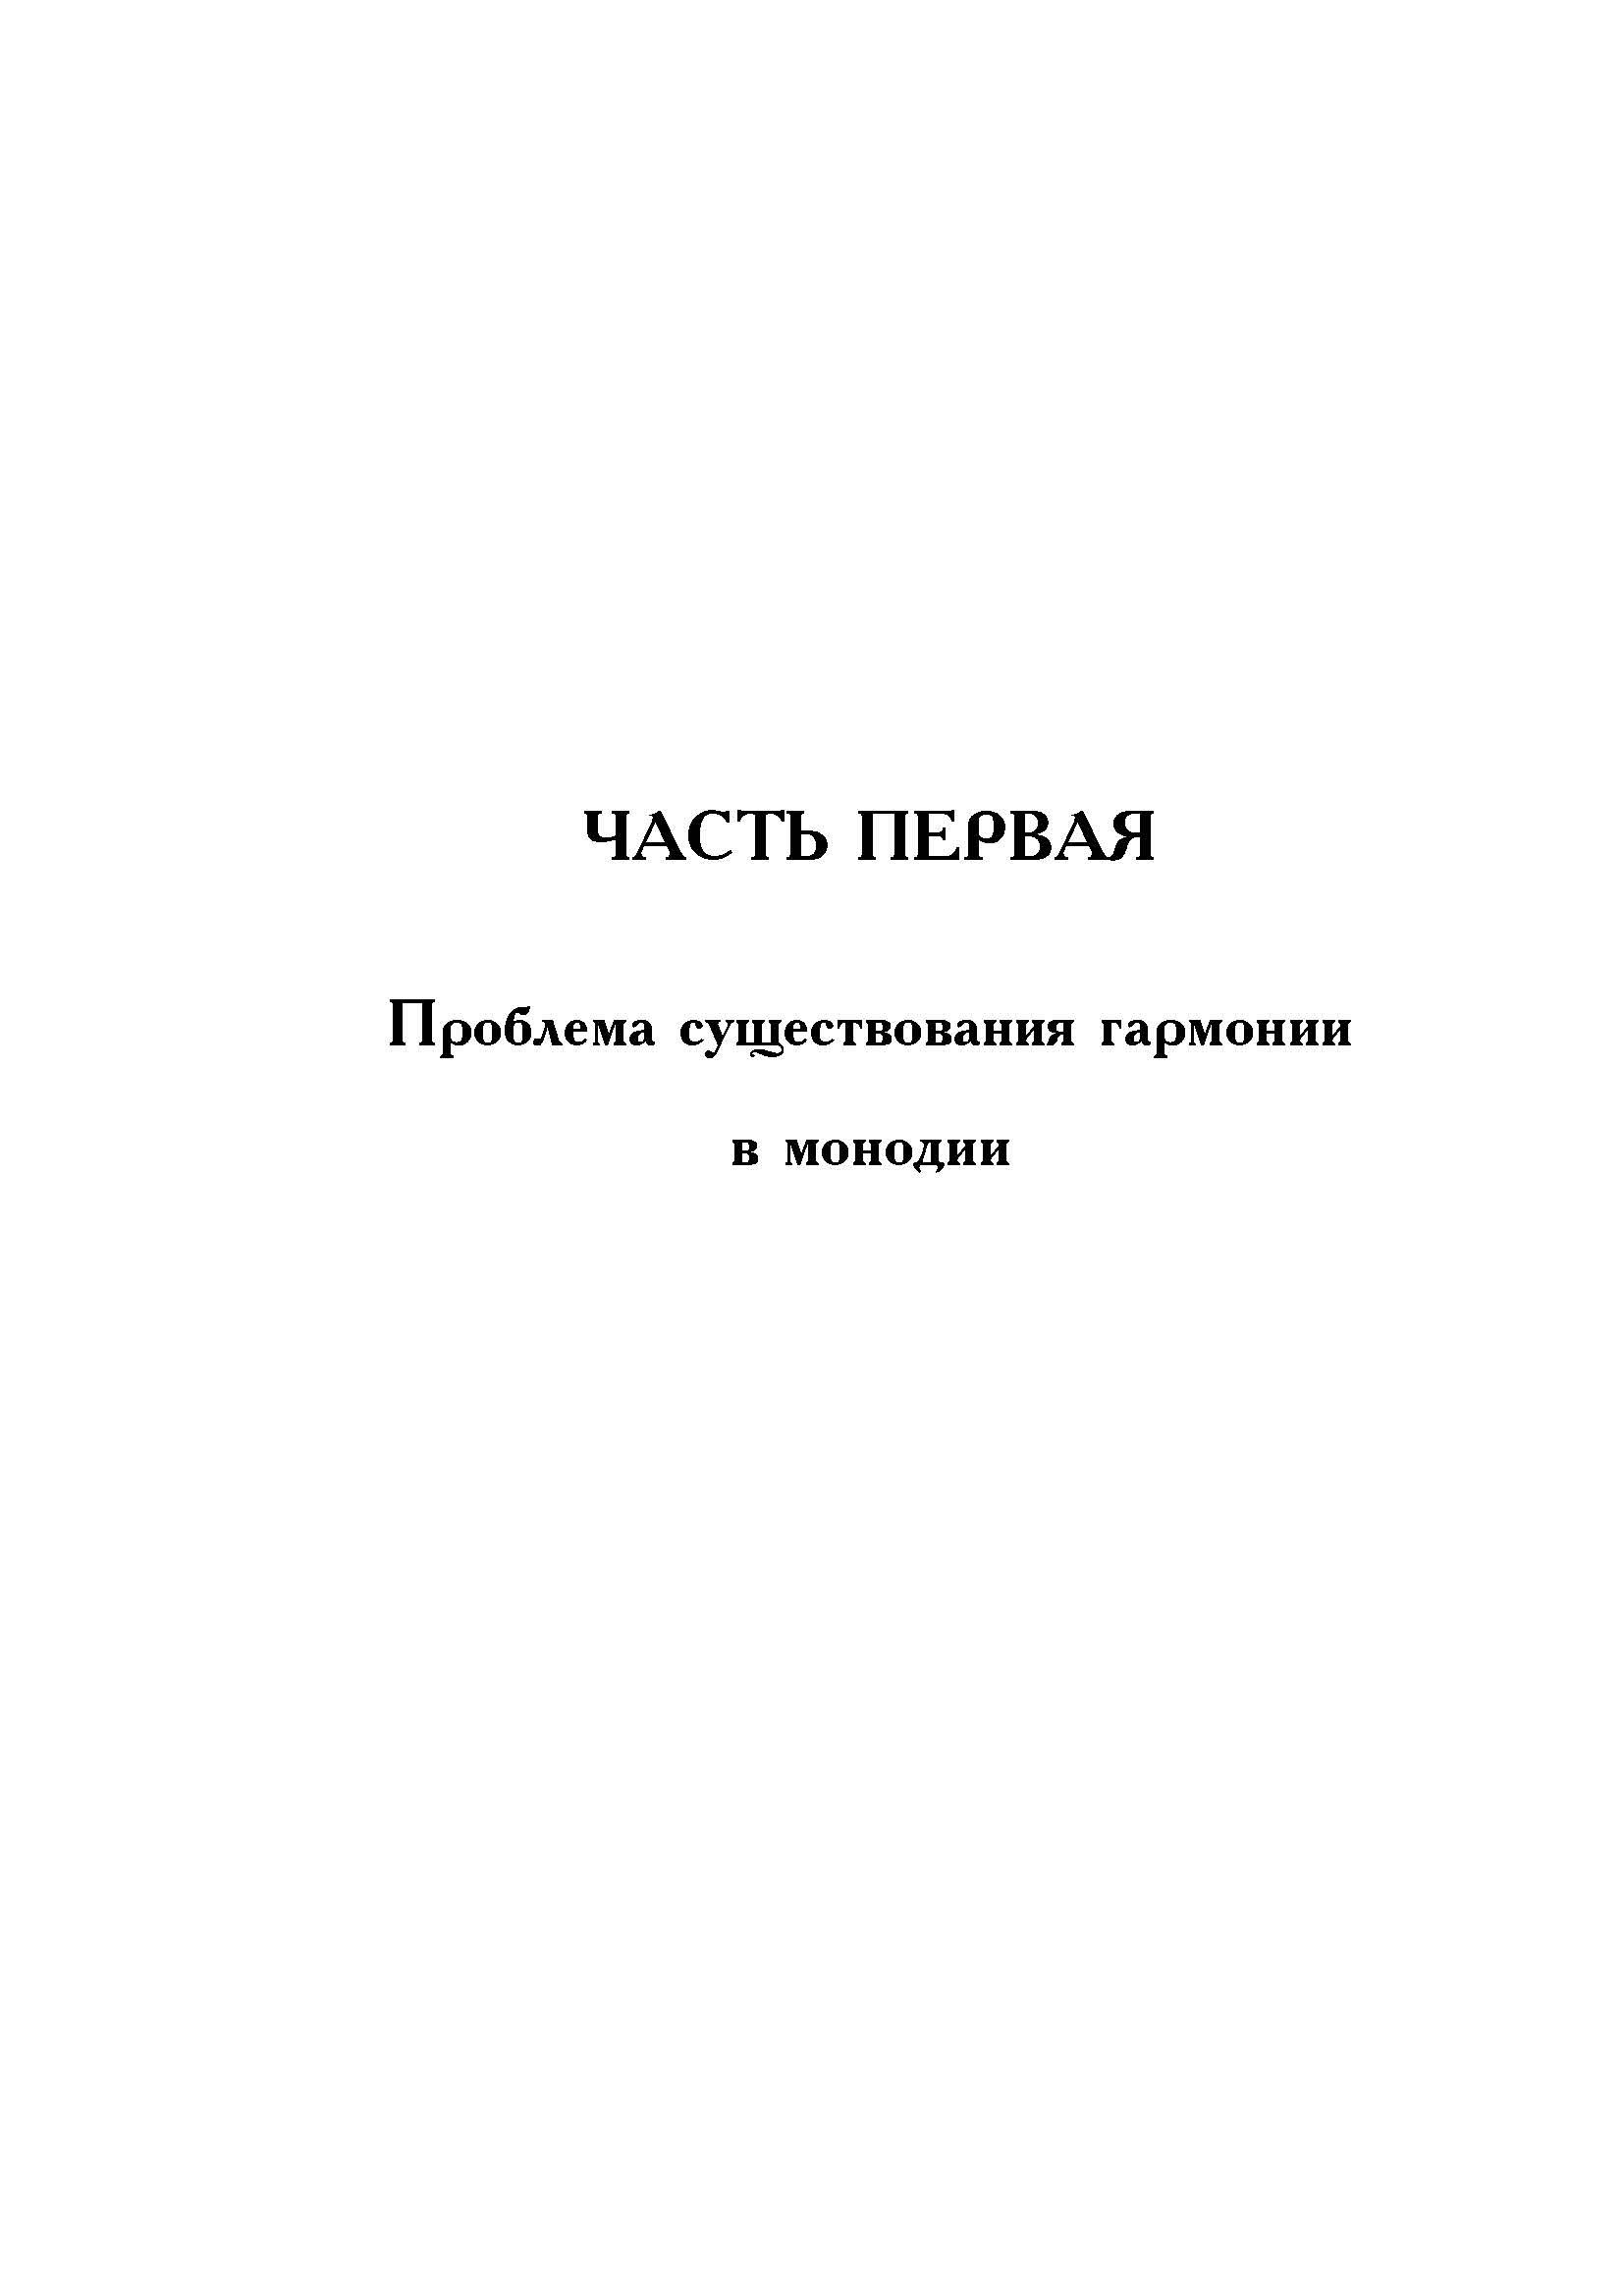 3.Inhalt1_Страница_1